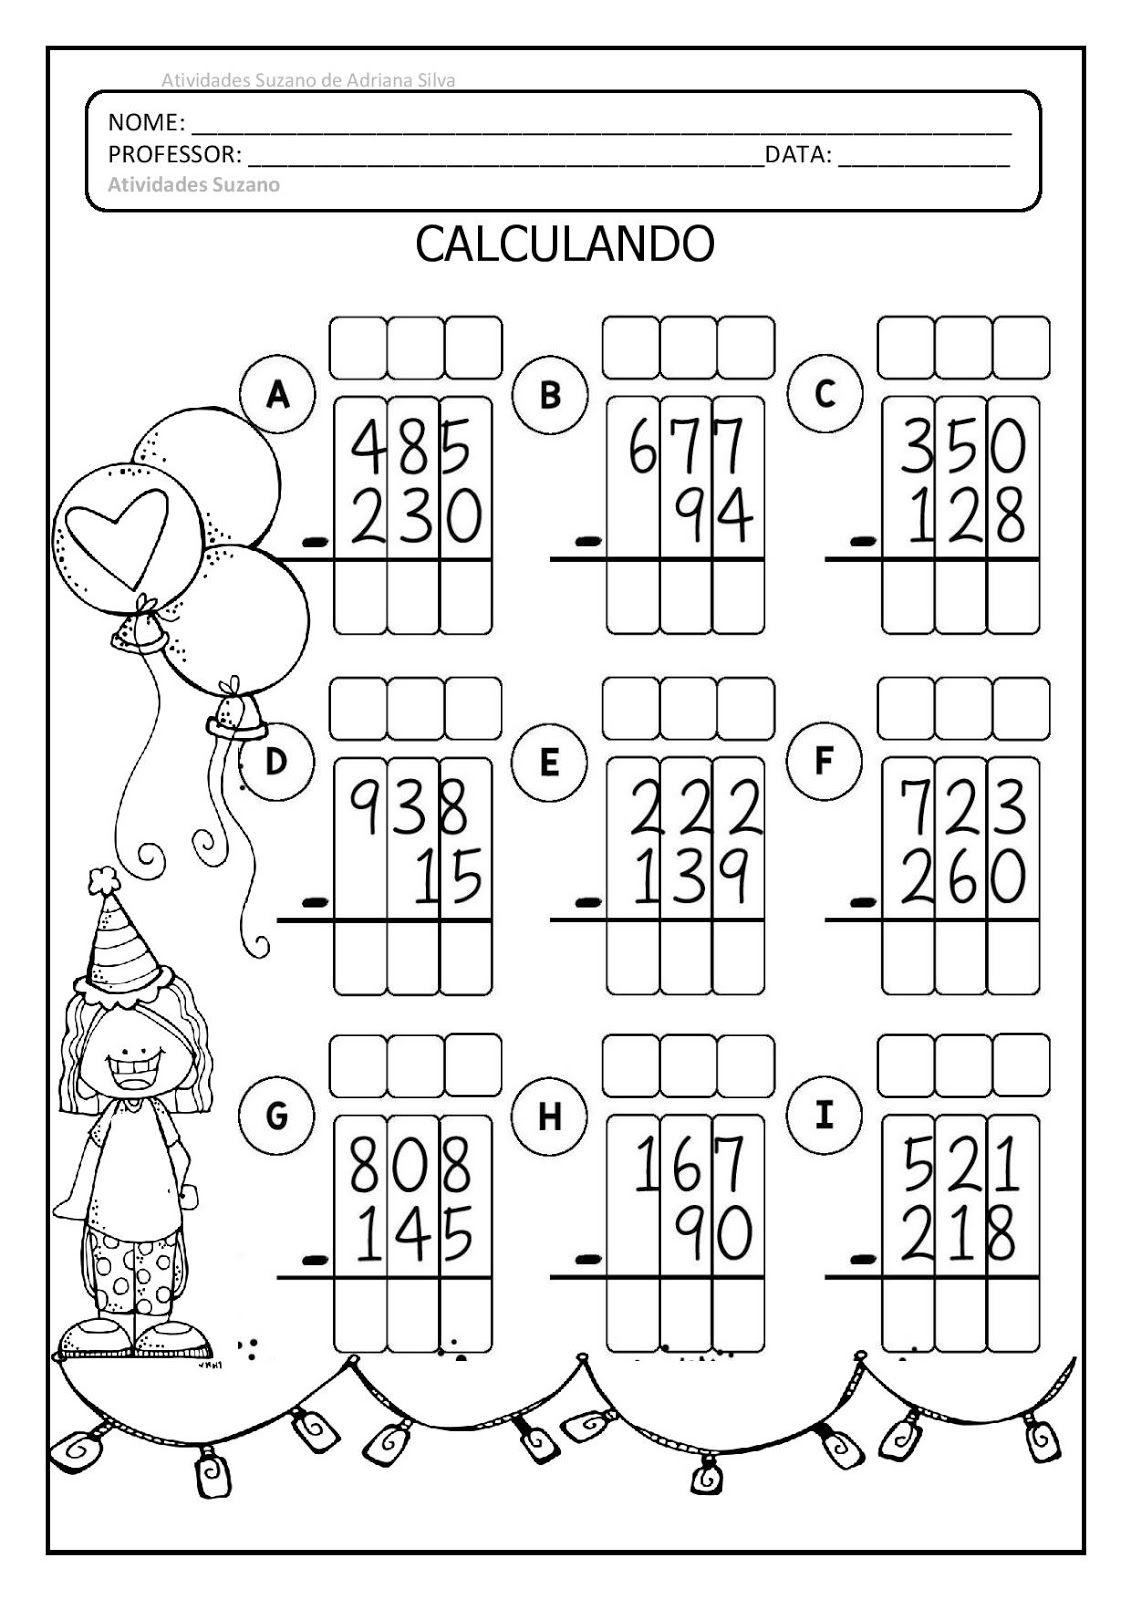 Matematica Com Imagens Atividades De Subtracao Atividades De